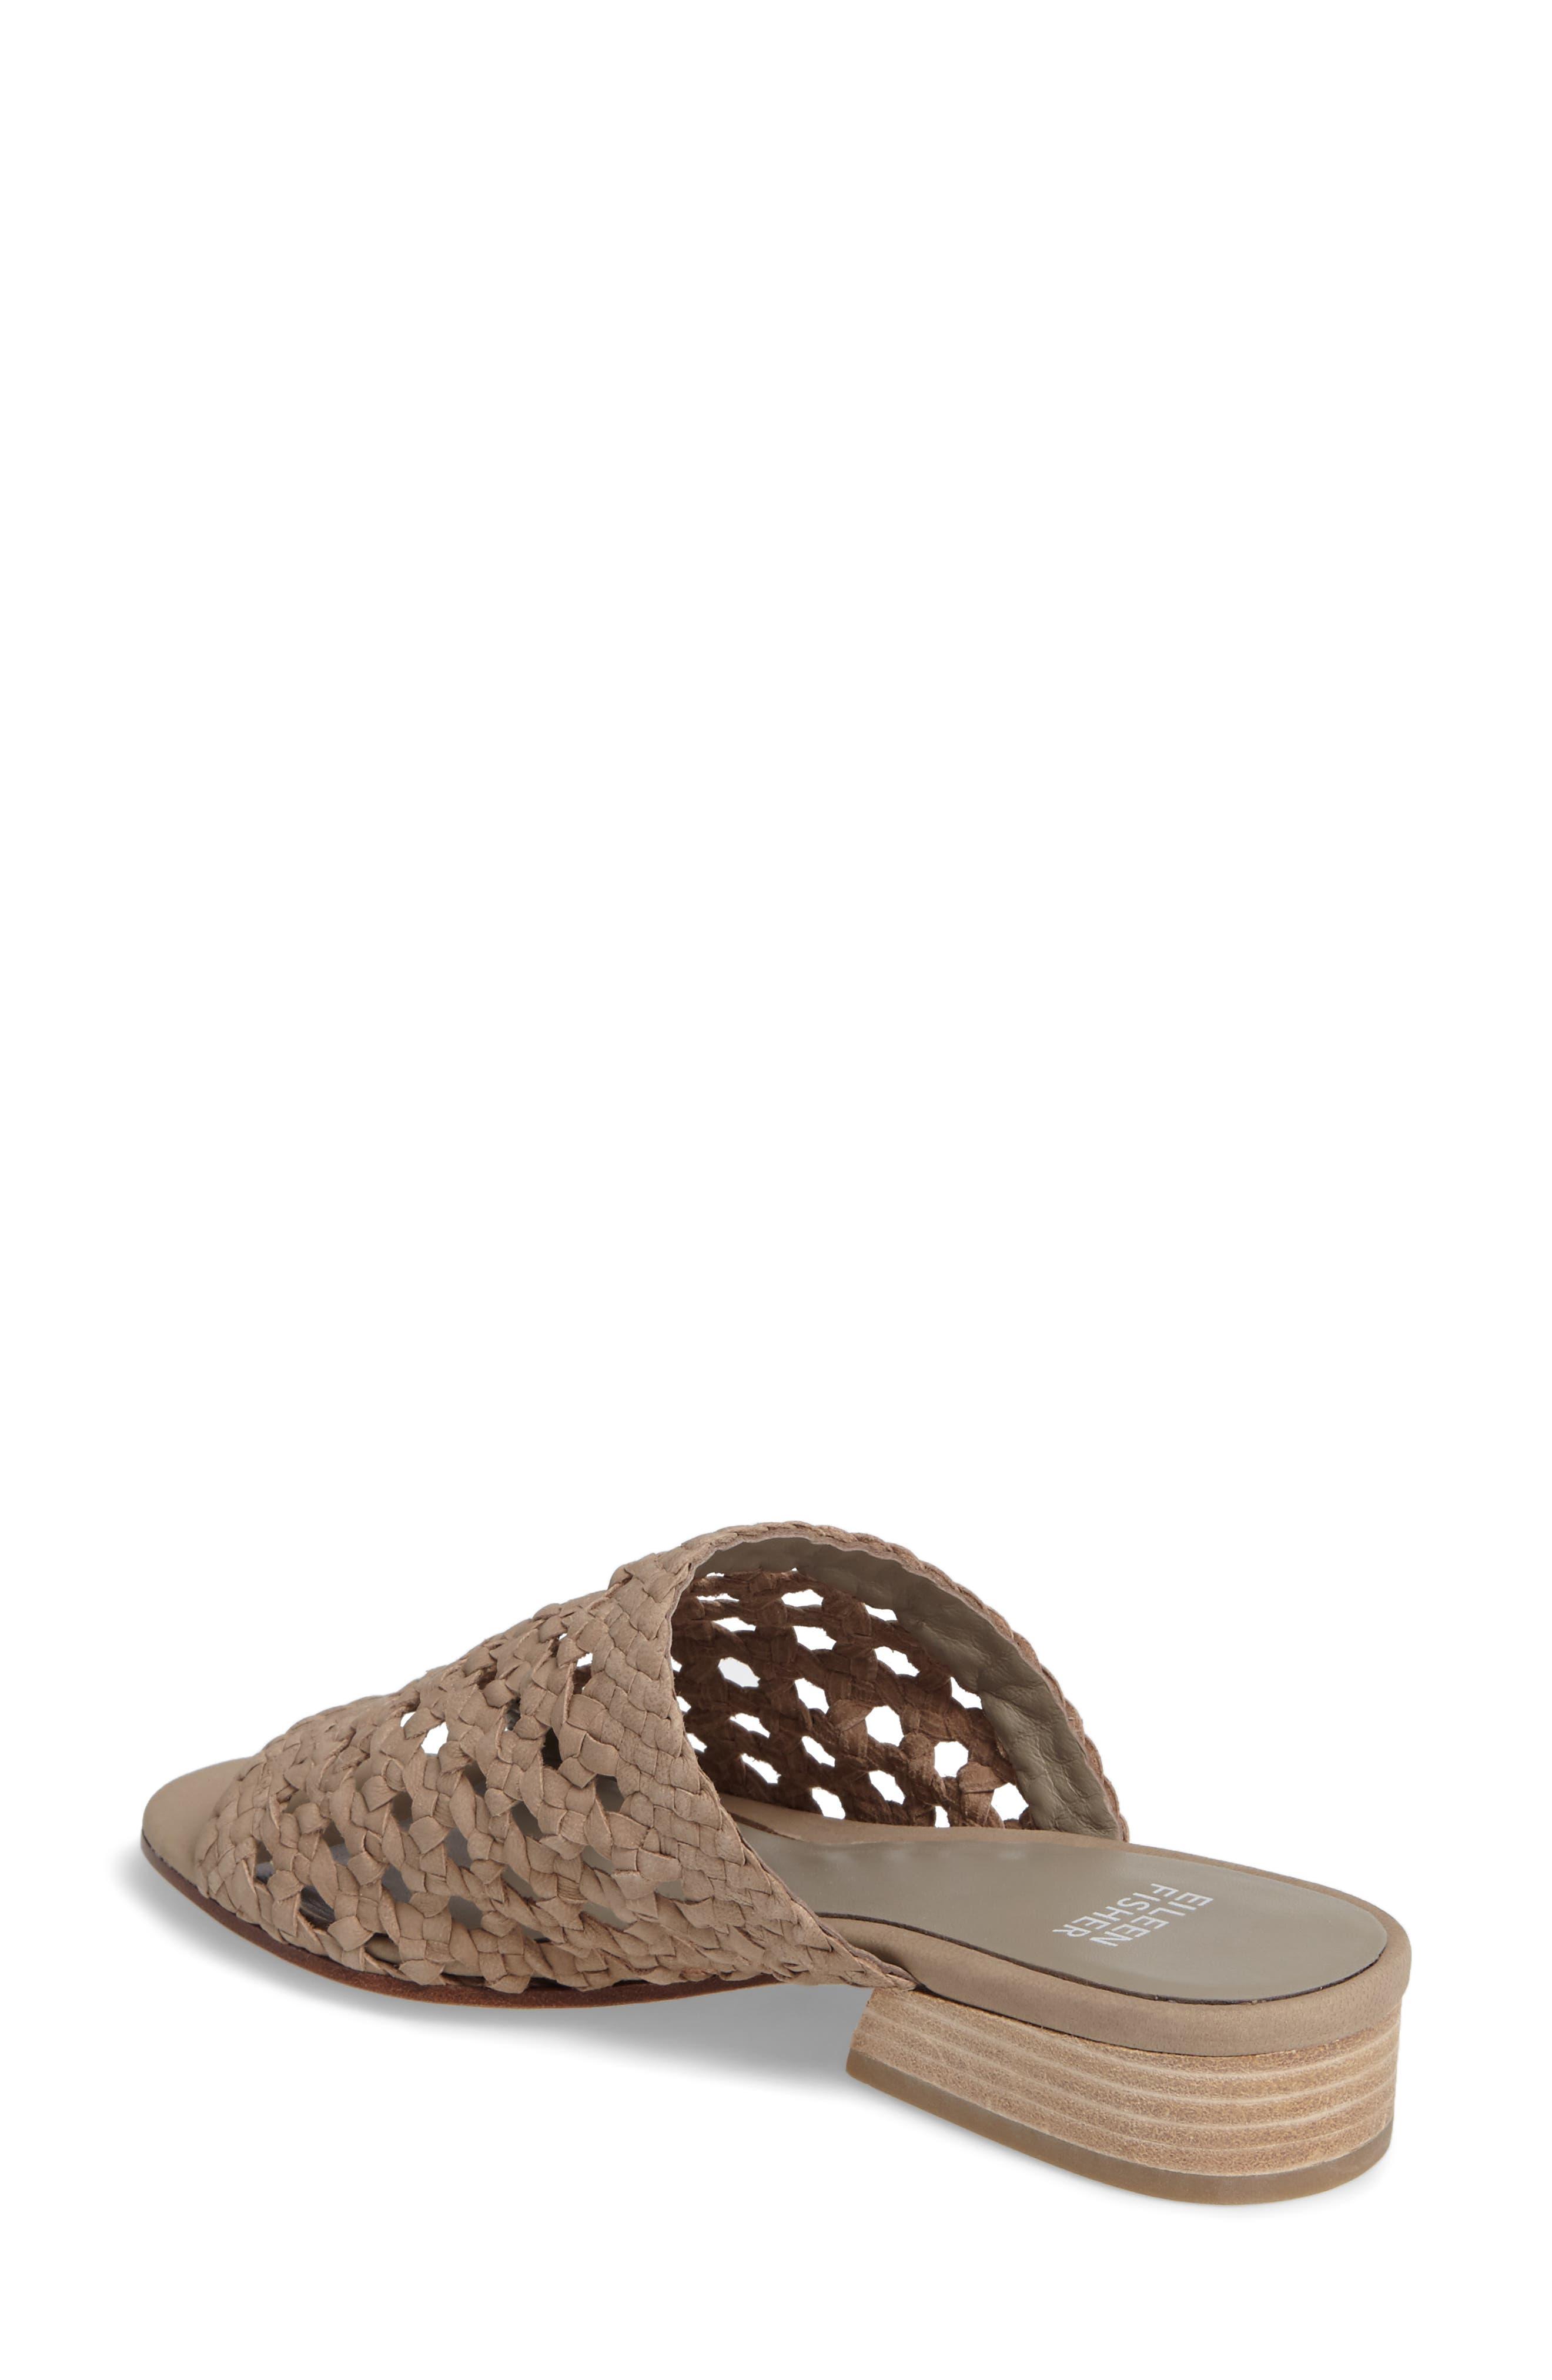 Alternate Image 2  - Eileen Fisher Aloe Slide Sandal (Women)